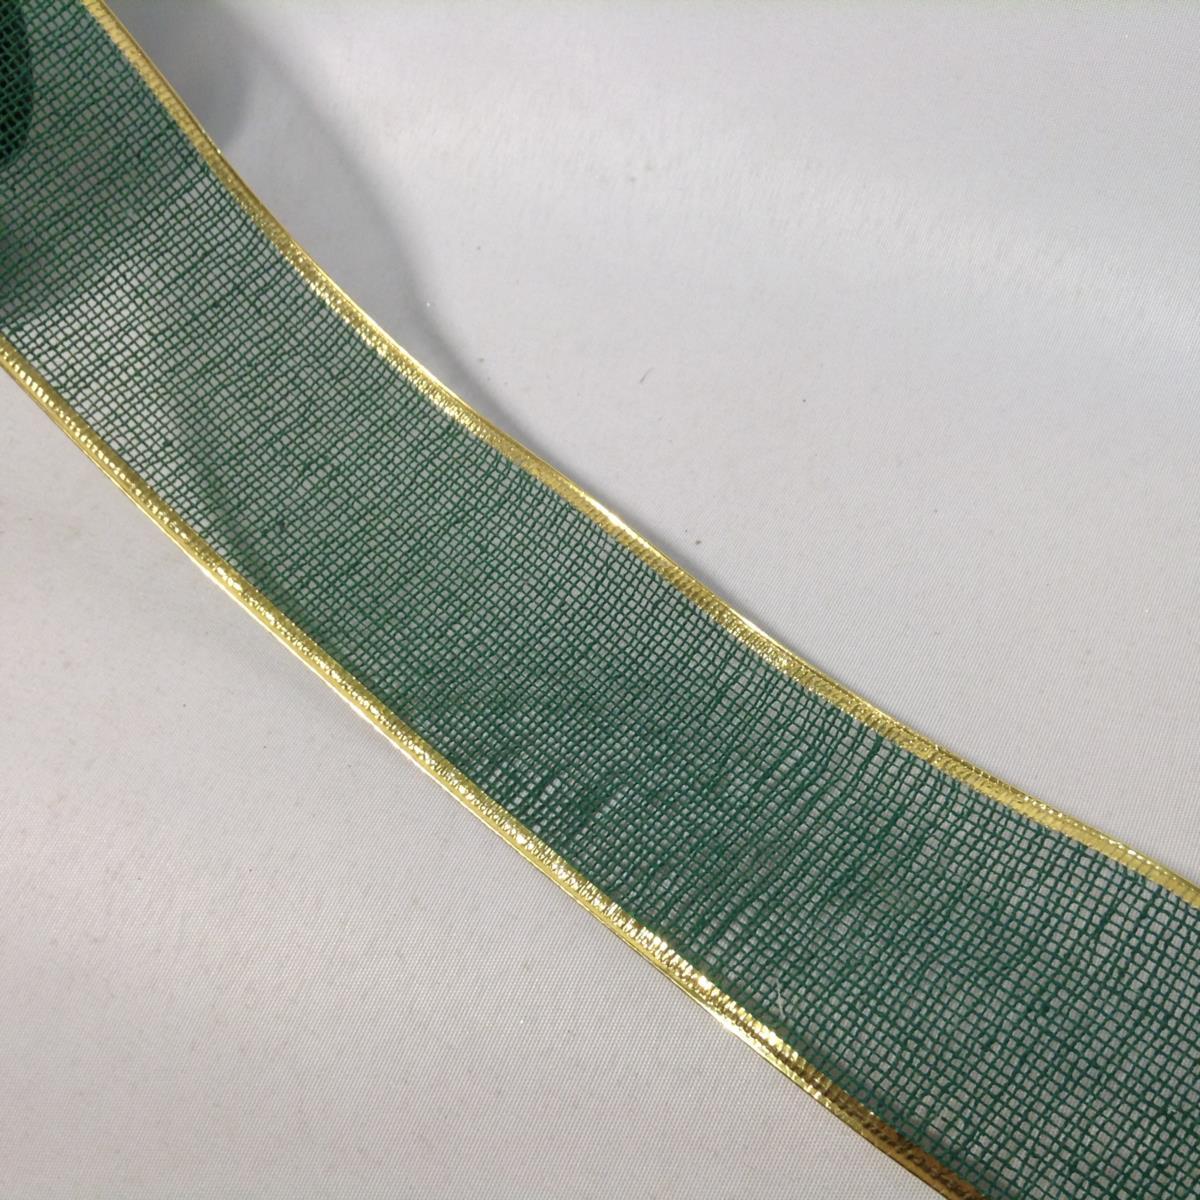 Лента- сетка с проволочным краем 4см - 1м - Изображение 2